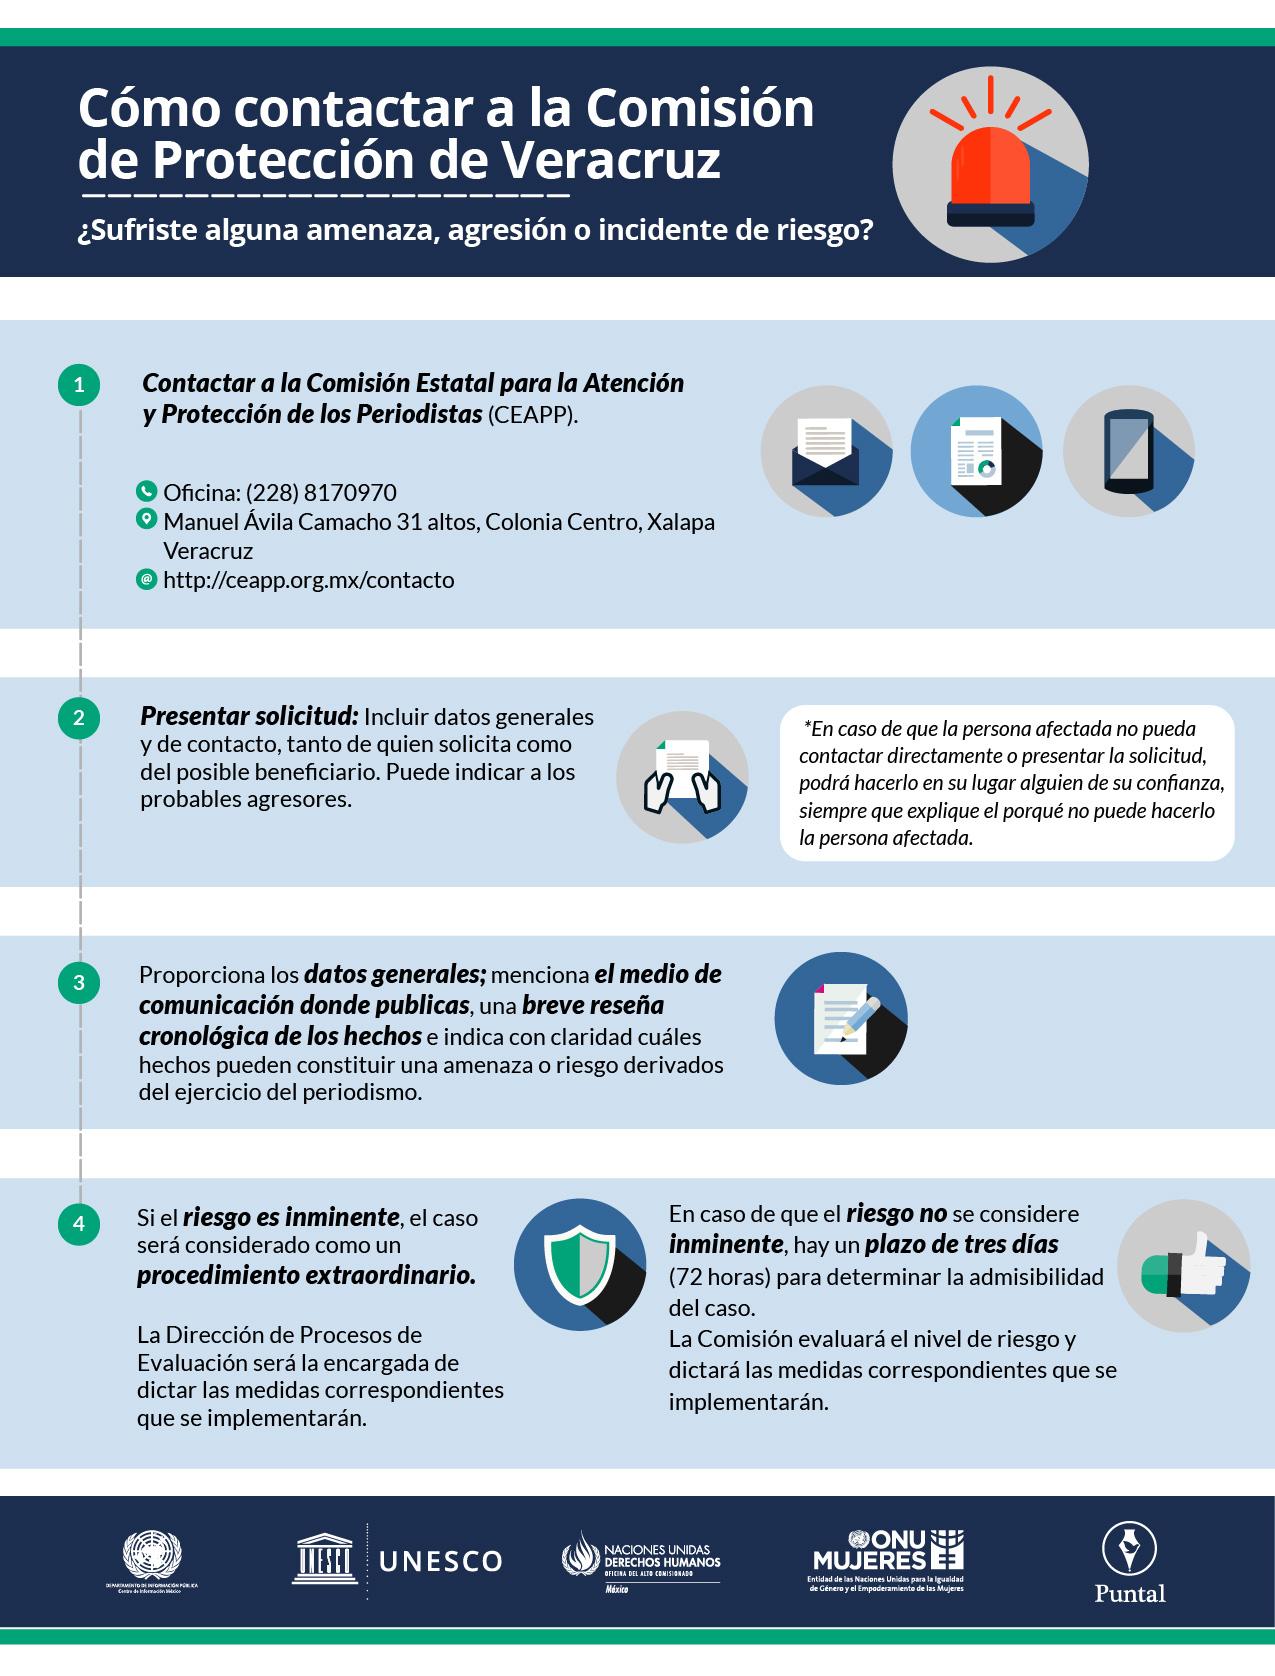 Cómo contactar a la Comisión Estatal de protección de Veracruz